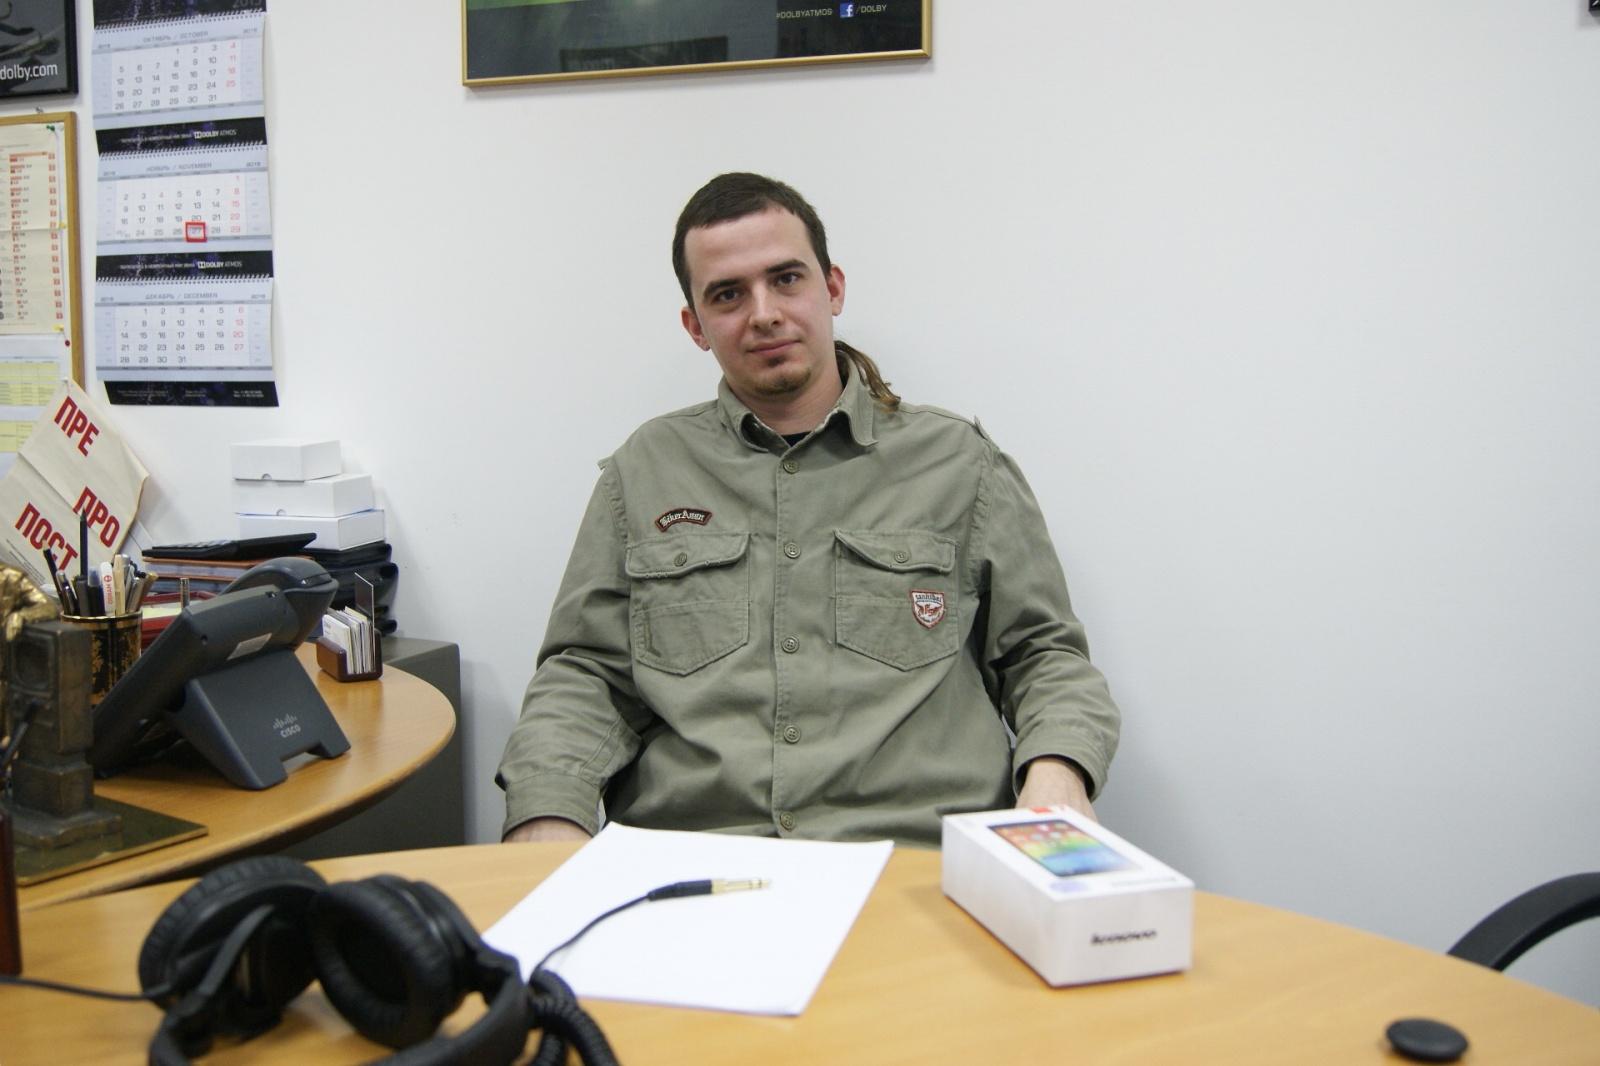 Эксклюзивно для Geektimes: интервью с генеральным директором и инженером по кинотехнологиям Dolby в России и СНГ - 3